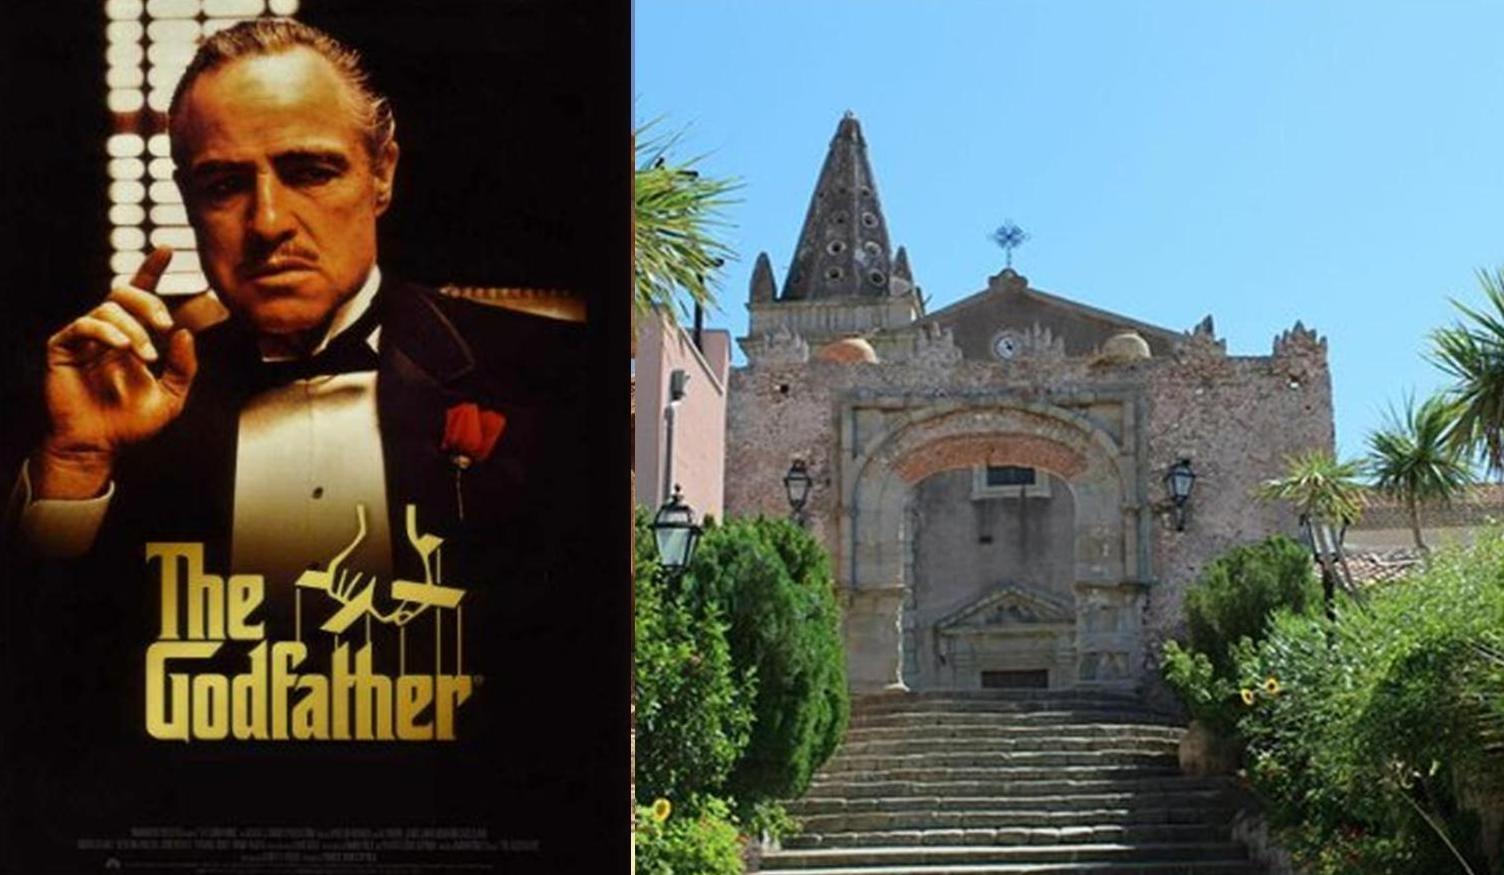 godfather-tour-1584475790.jpg